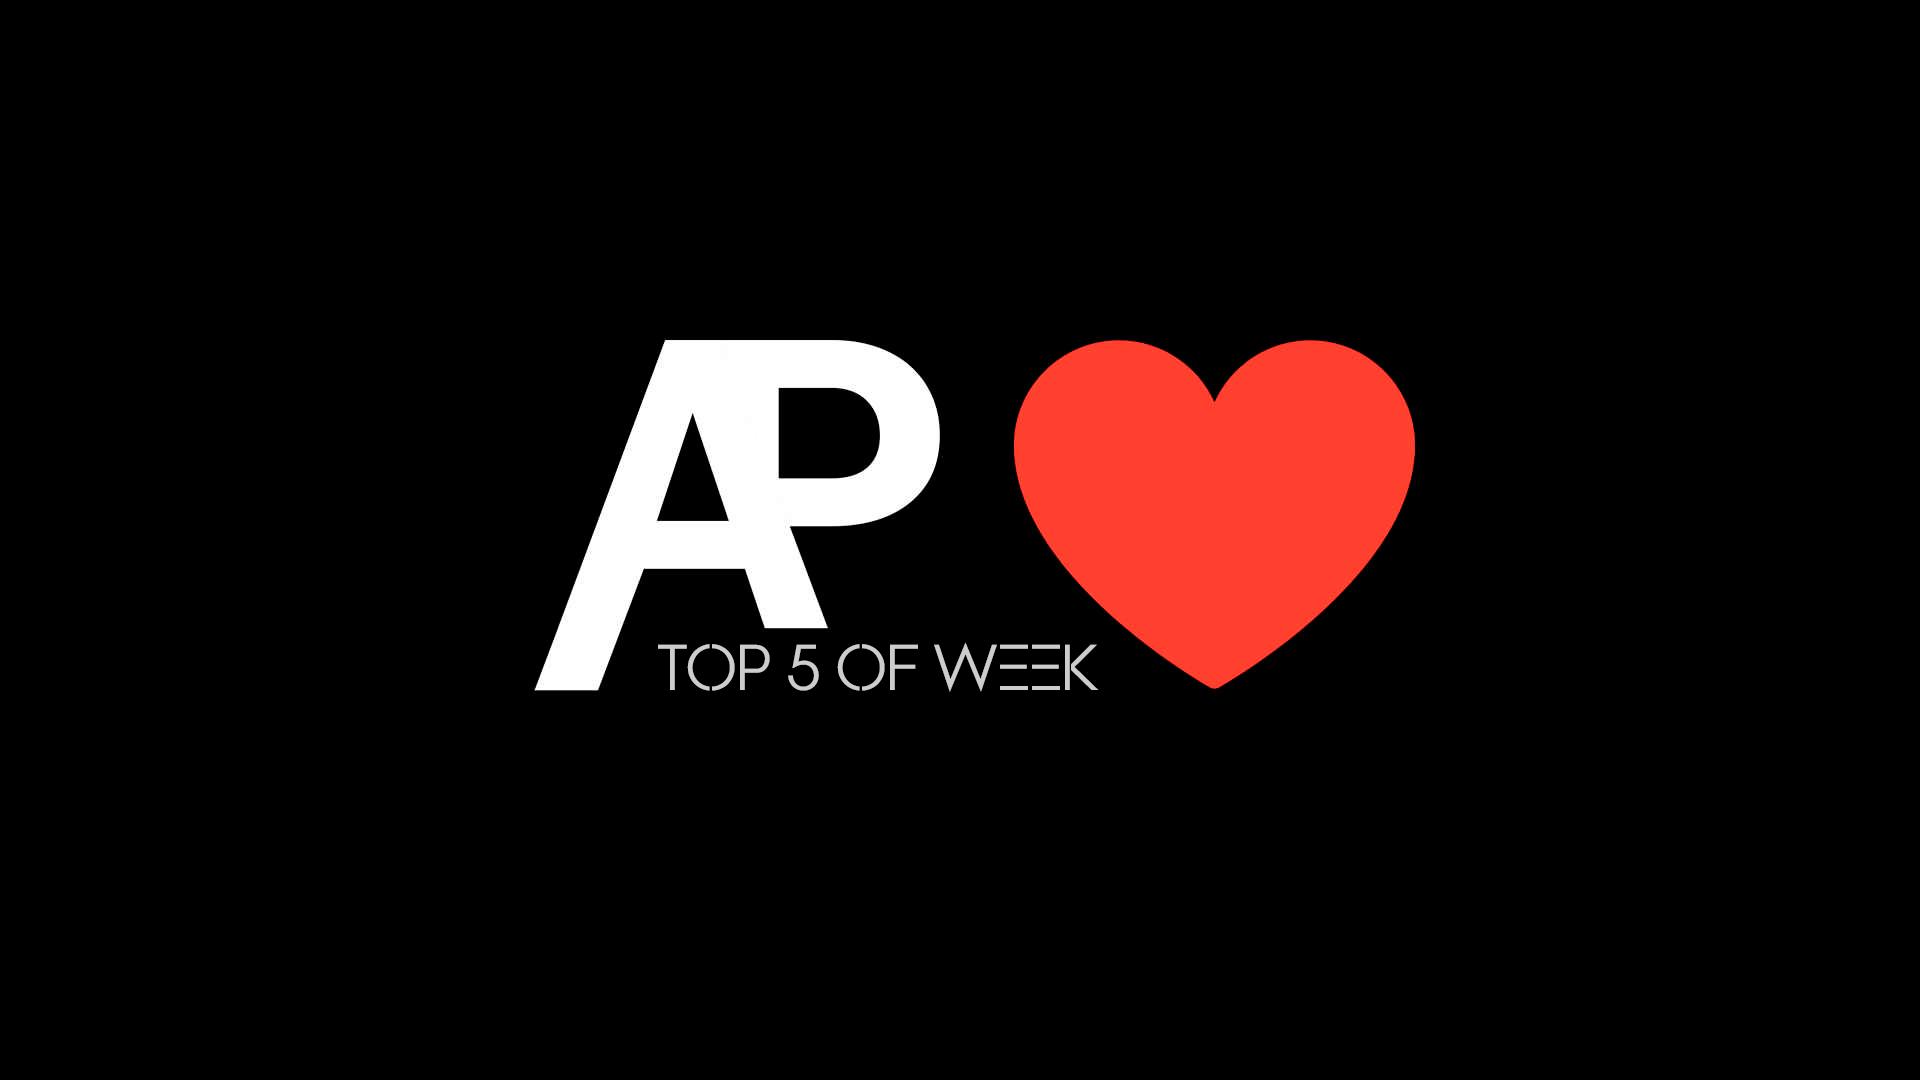 Топ 5 лучших статей за неделю (14 Июля 2019)